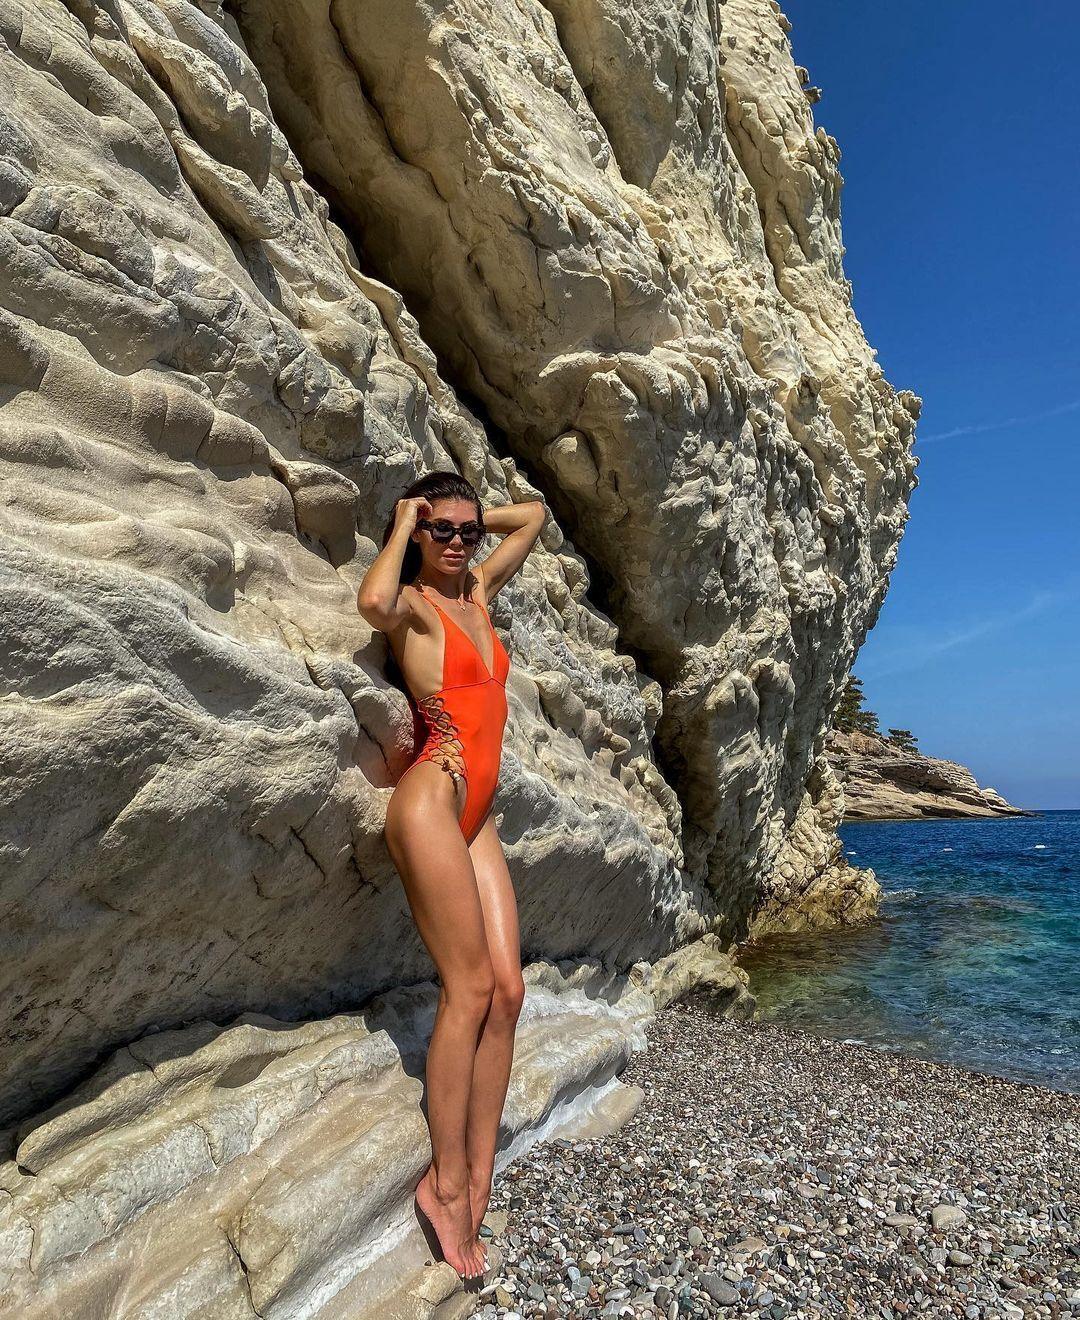 Анна Реброва на тлі моря